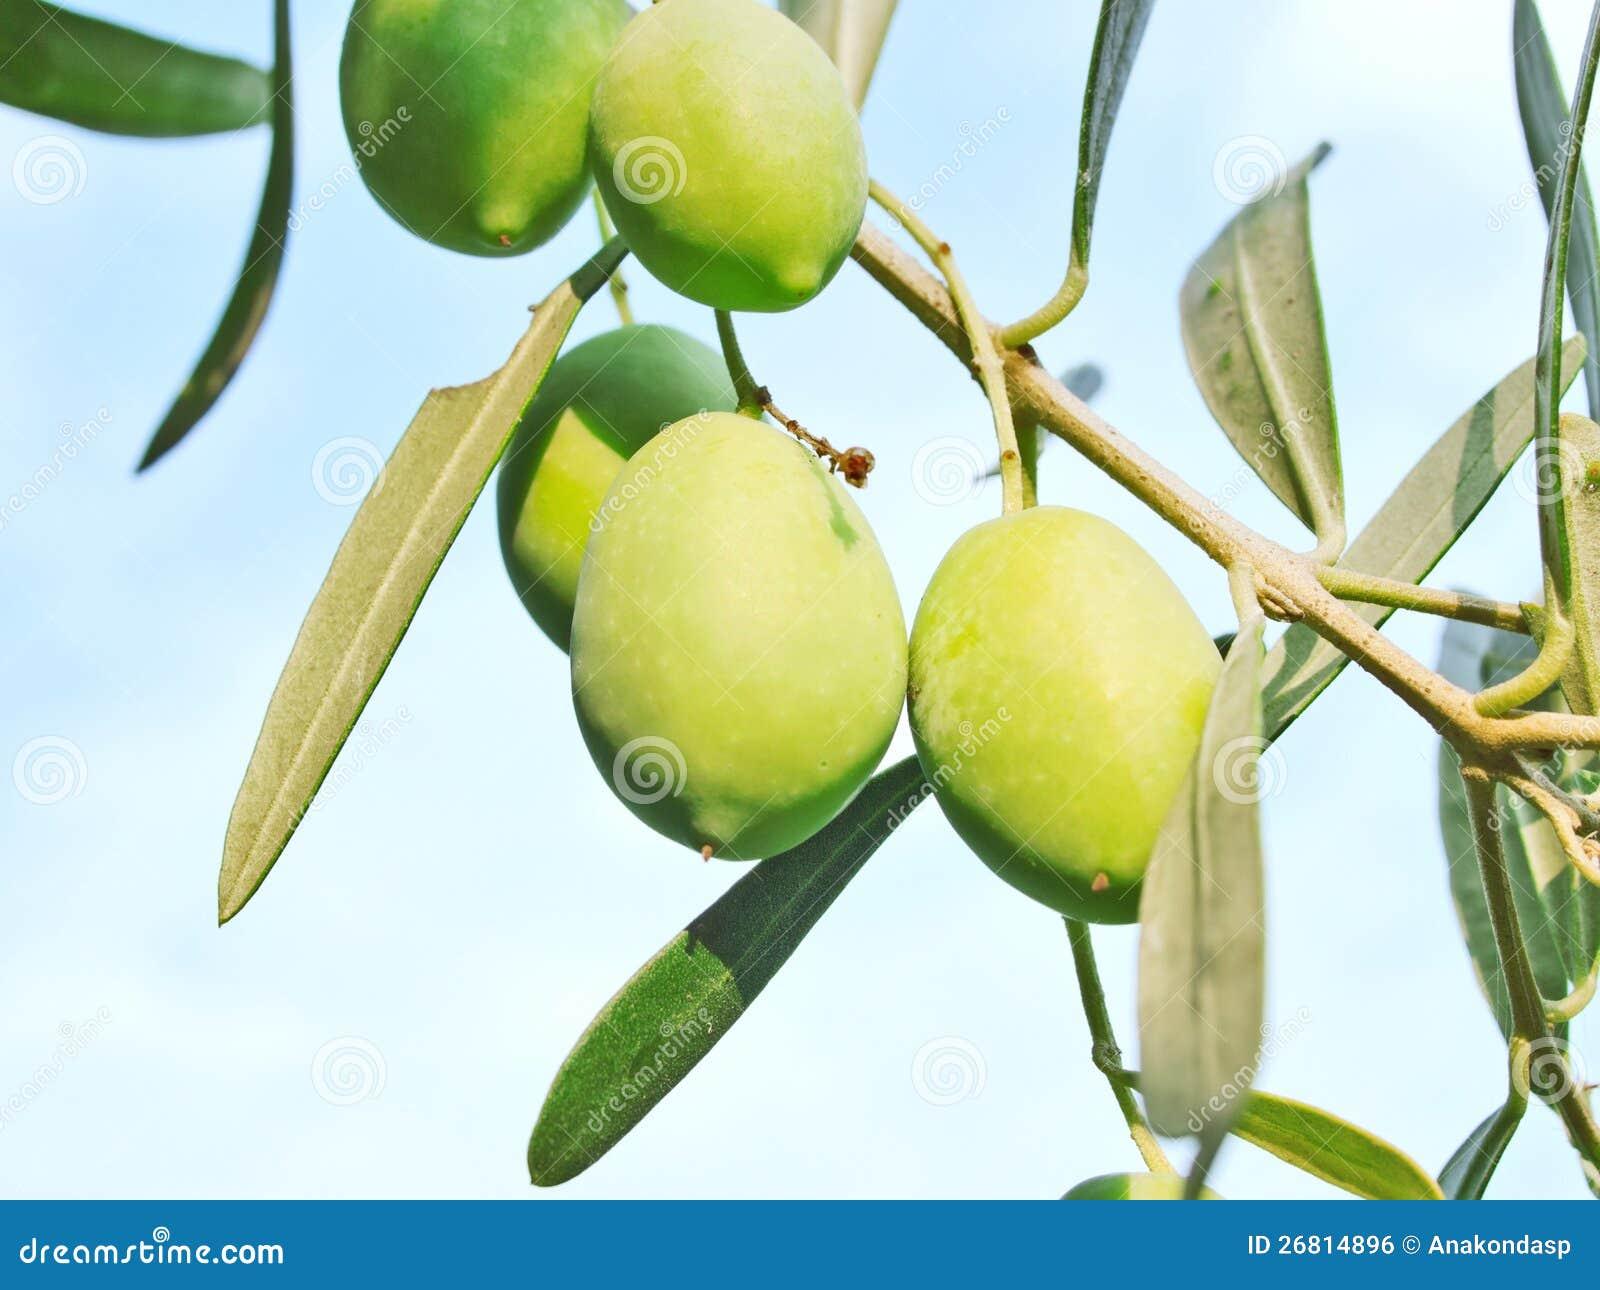 Olive Fruit Tree Royalty Free Stock Image - Image: 26814896